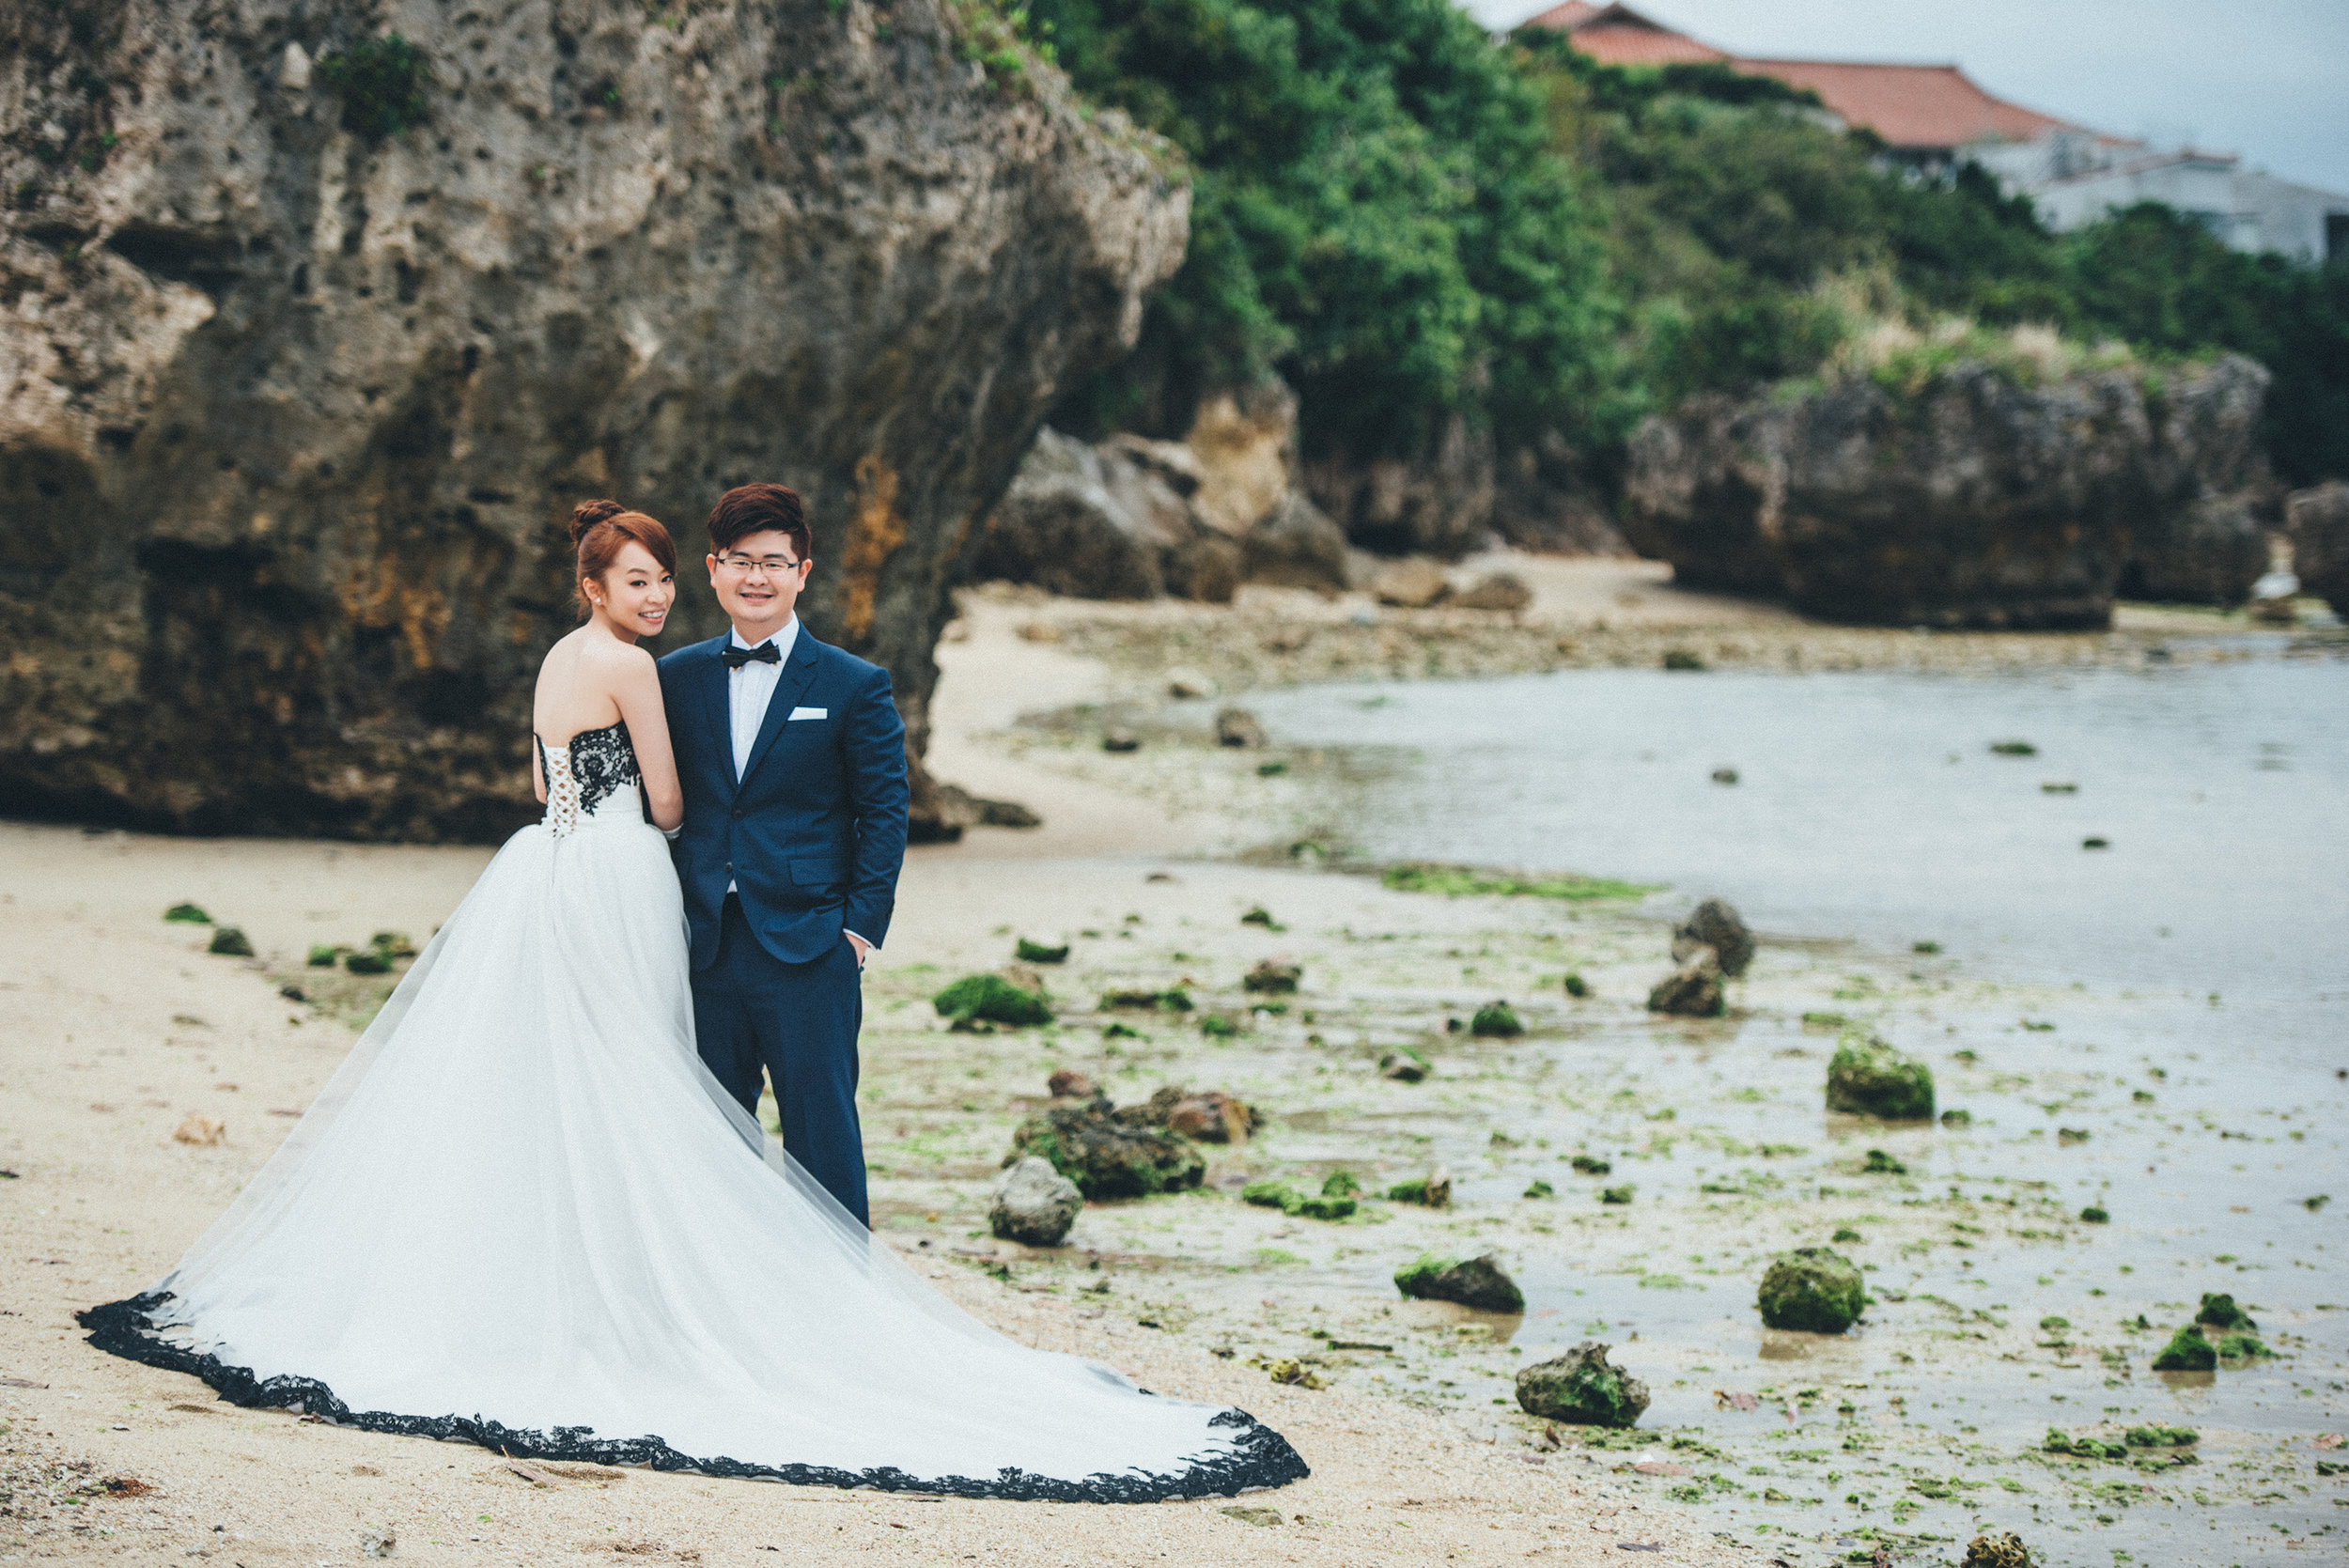 沖繩的新園海灘各種被沖刷的碎石夾帶著海草休息在沙灘上,也增加了畫面的趣味性。